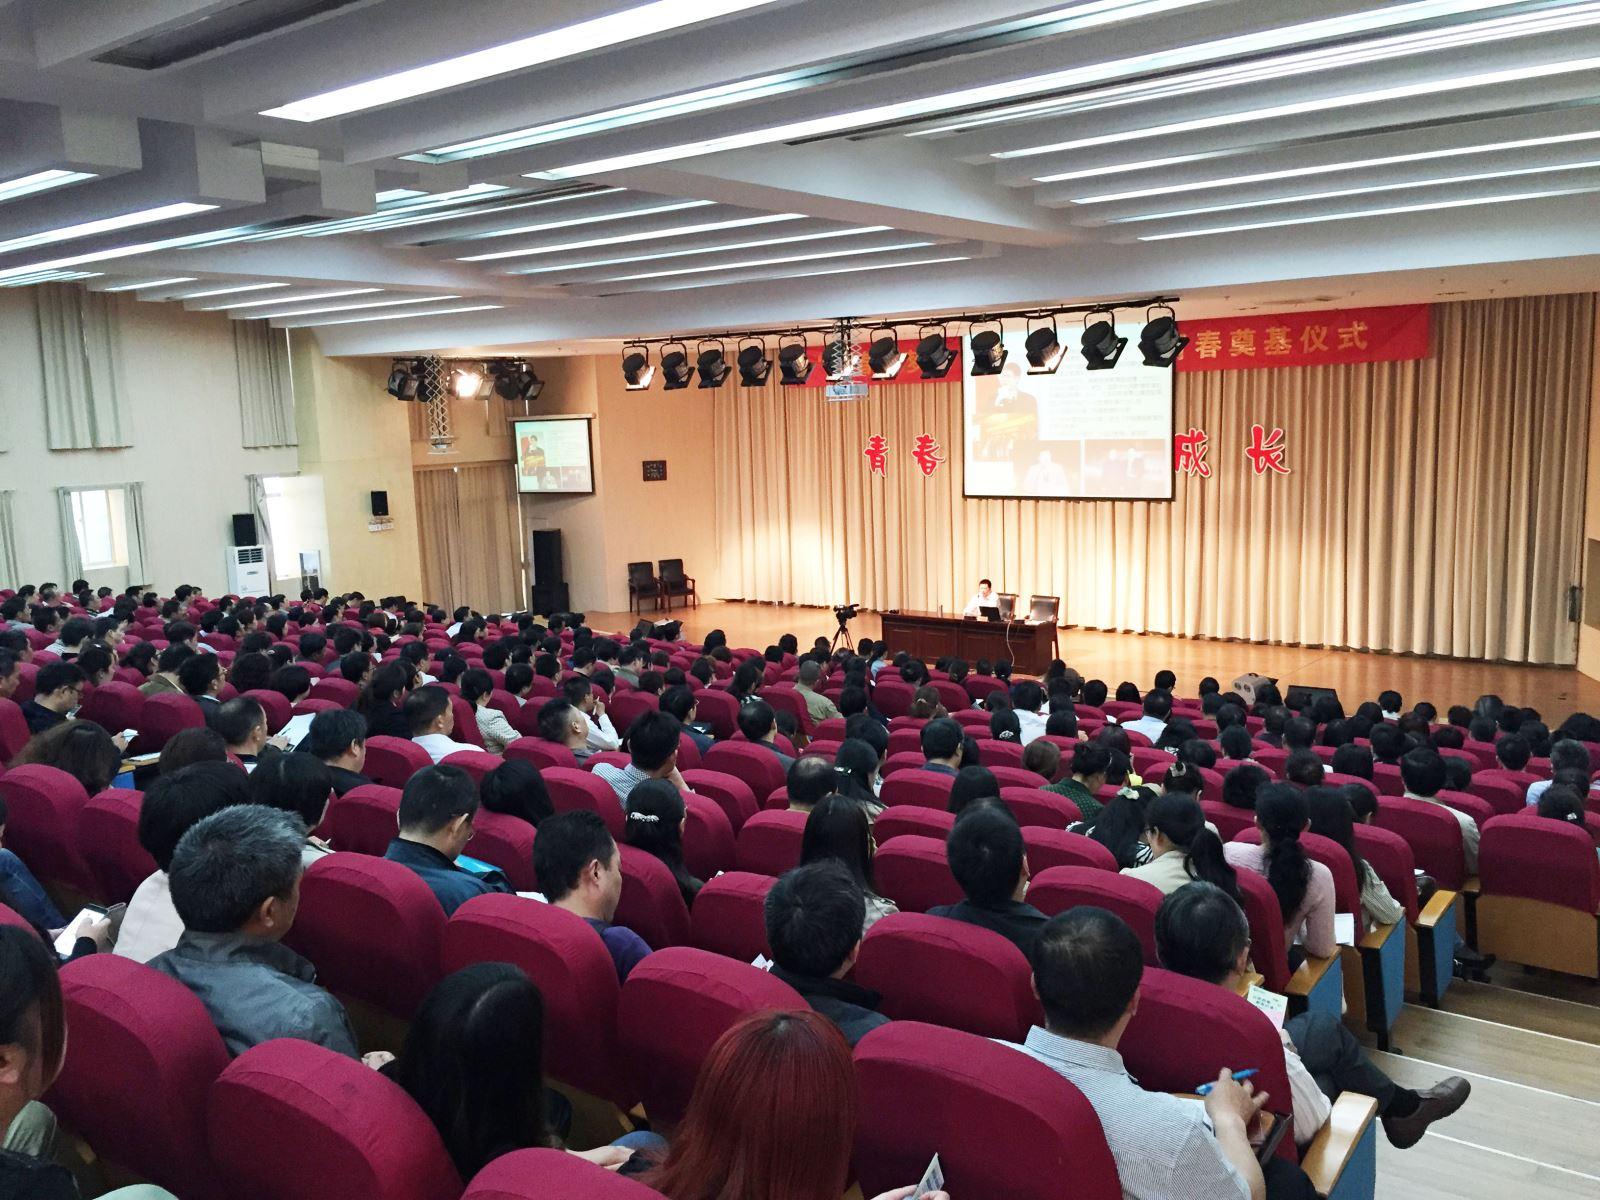 江蘇省揚州樹人學校